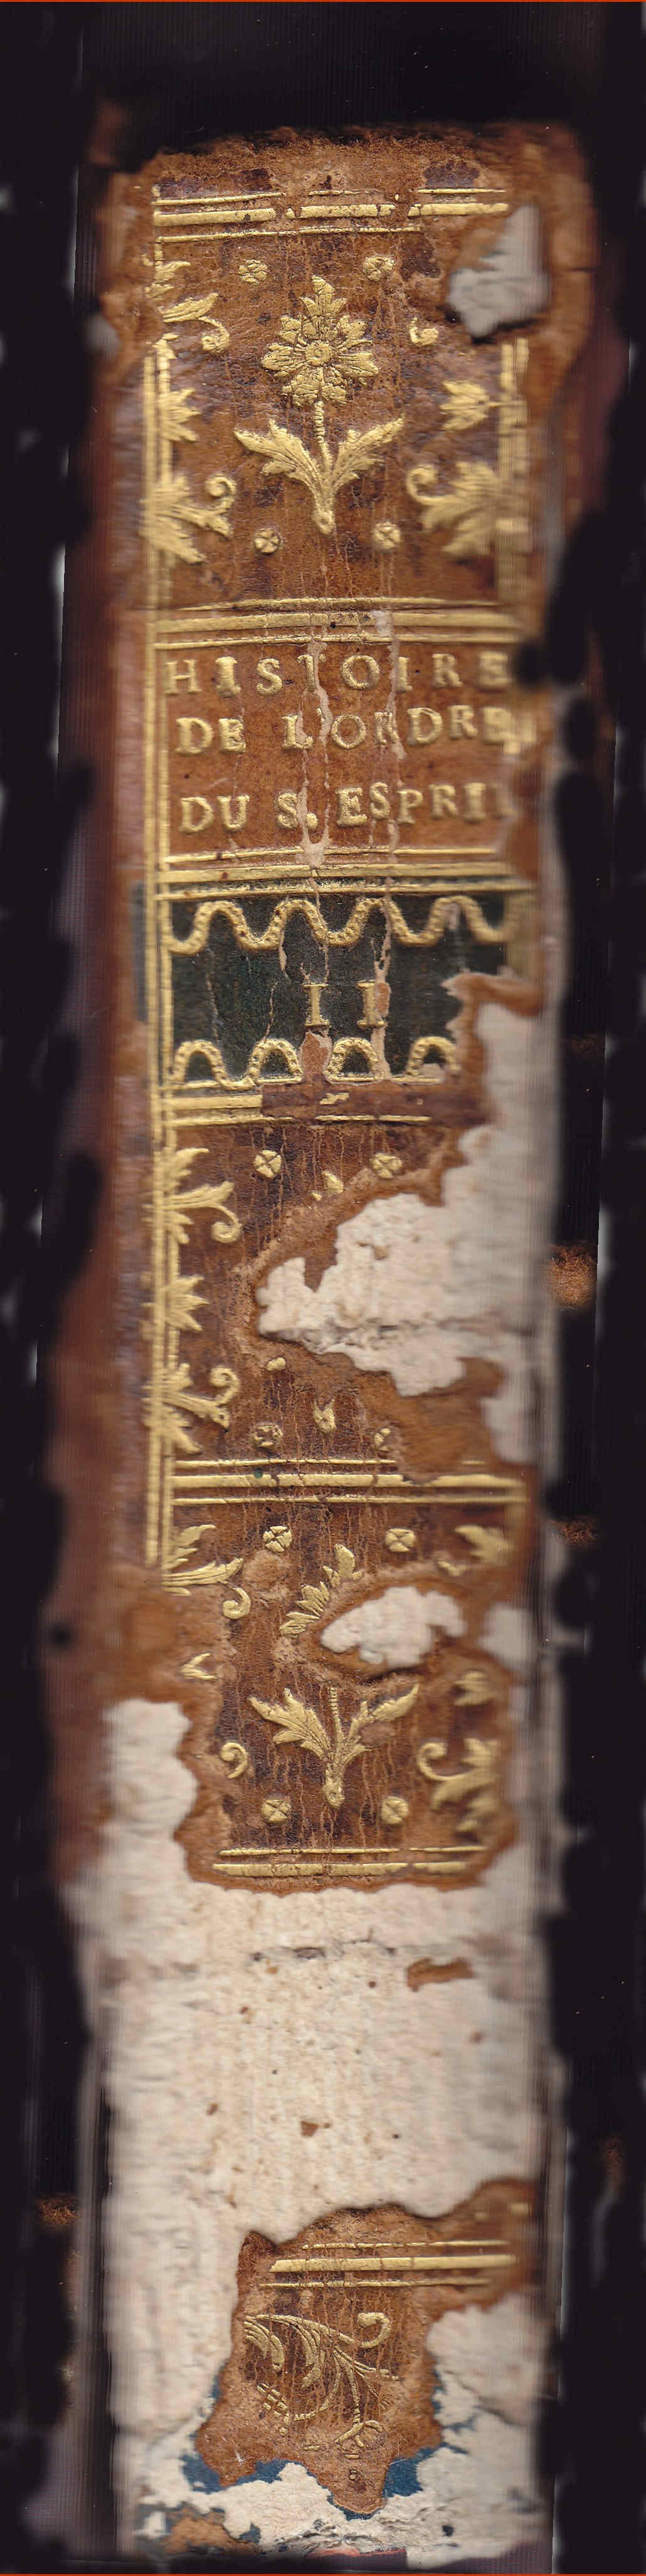 Restauración de libro antiguo y Saint Esprit Inicio del proceso